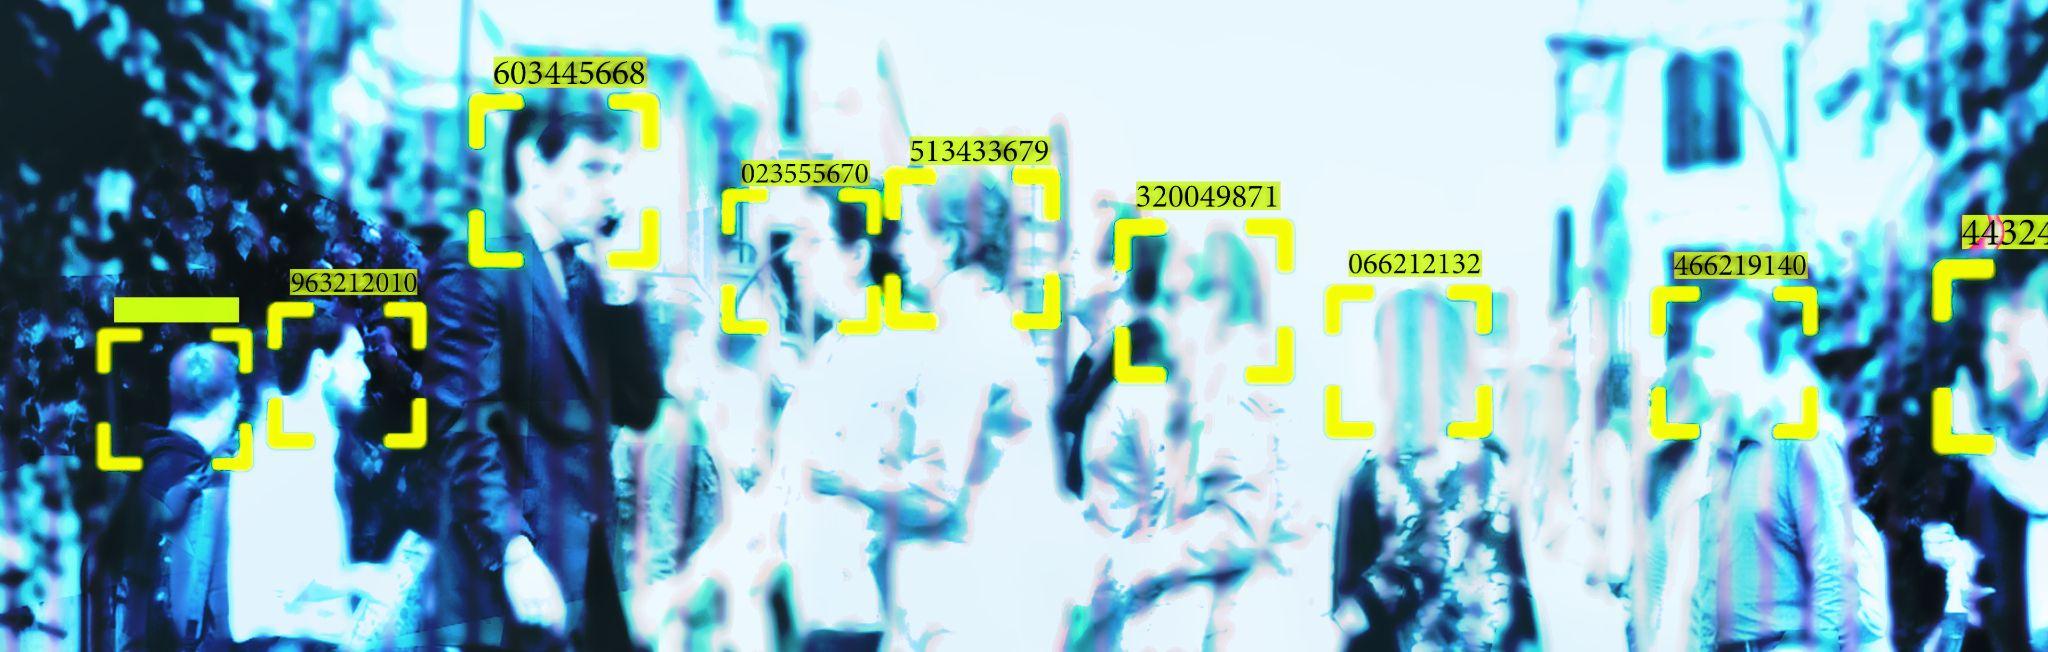 Tecnologias de reconhecimento facial vem mudando práticas no setor de segurança no Brasil